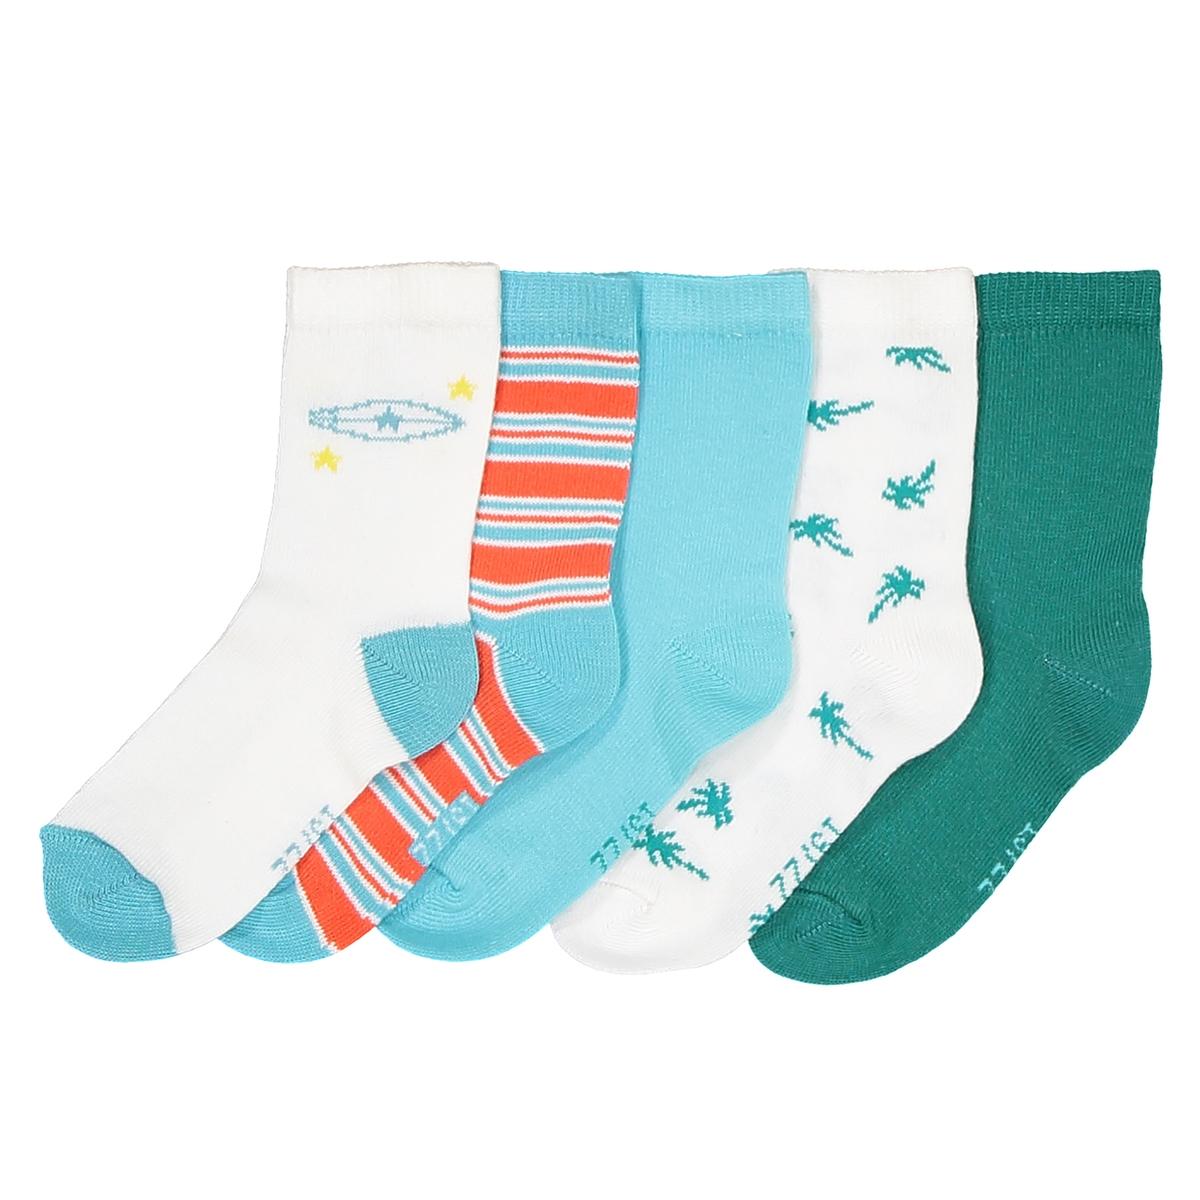 Носки с тематикой сёрфинг, комплект из 5 пар комплект из 5 пар коротких носков из хлопка